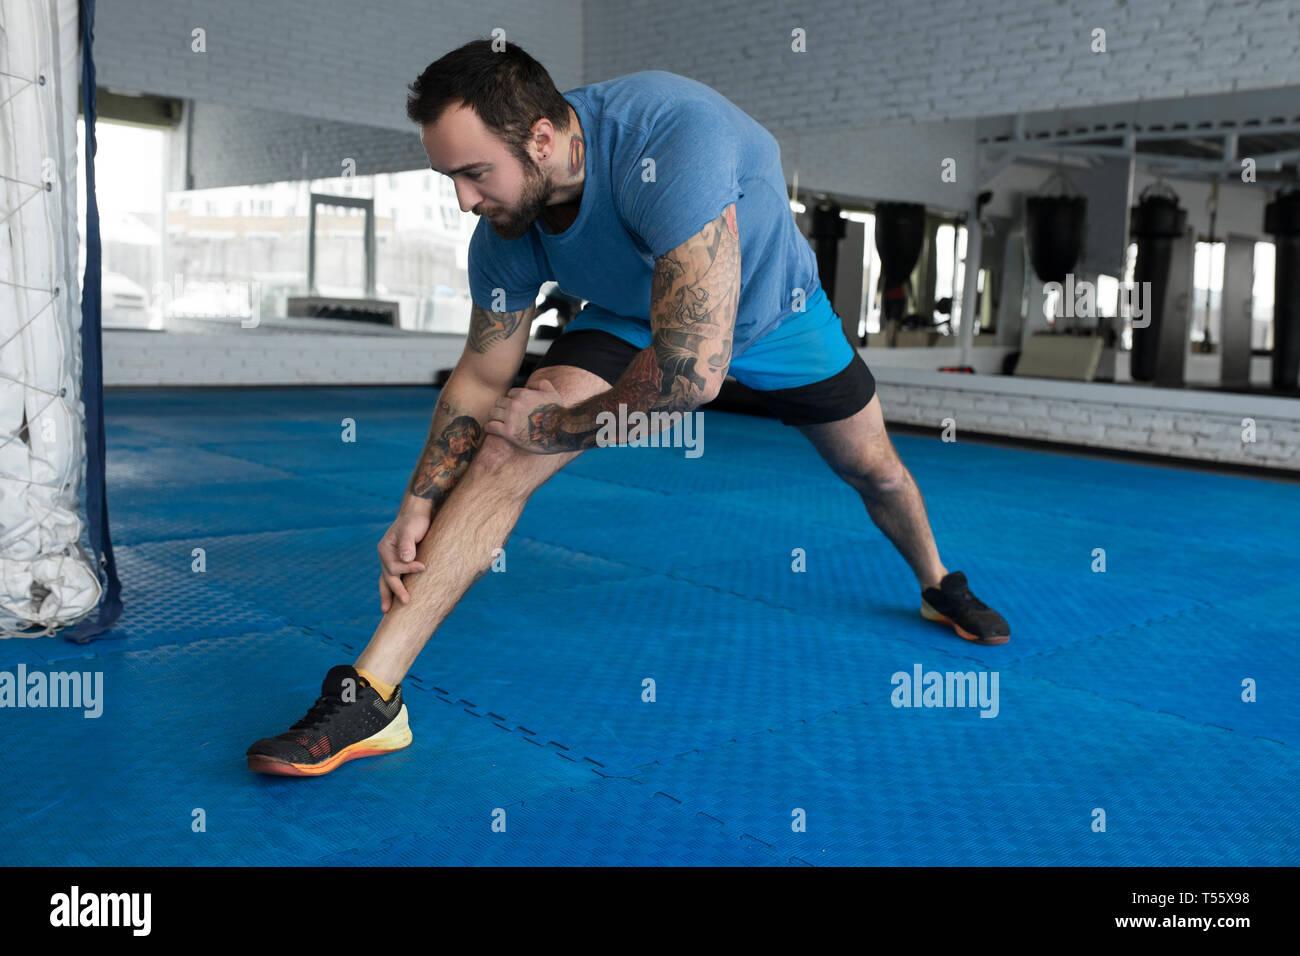 Mitad hombre adulto estiramiento en el gimnasio Foto de stock